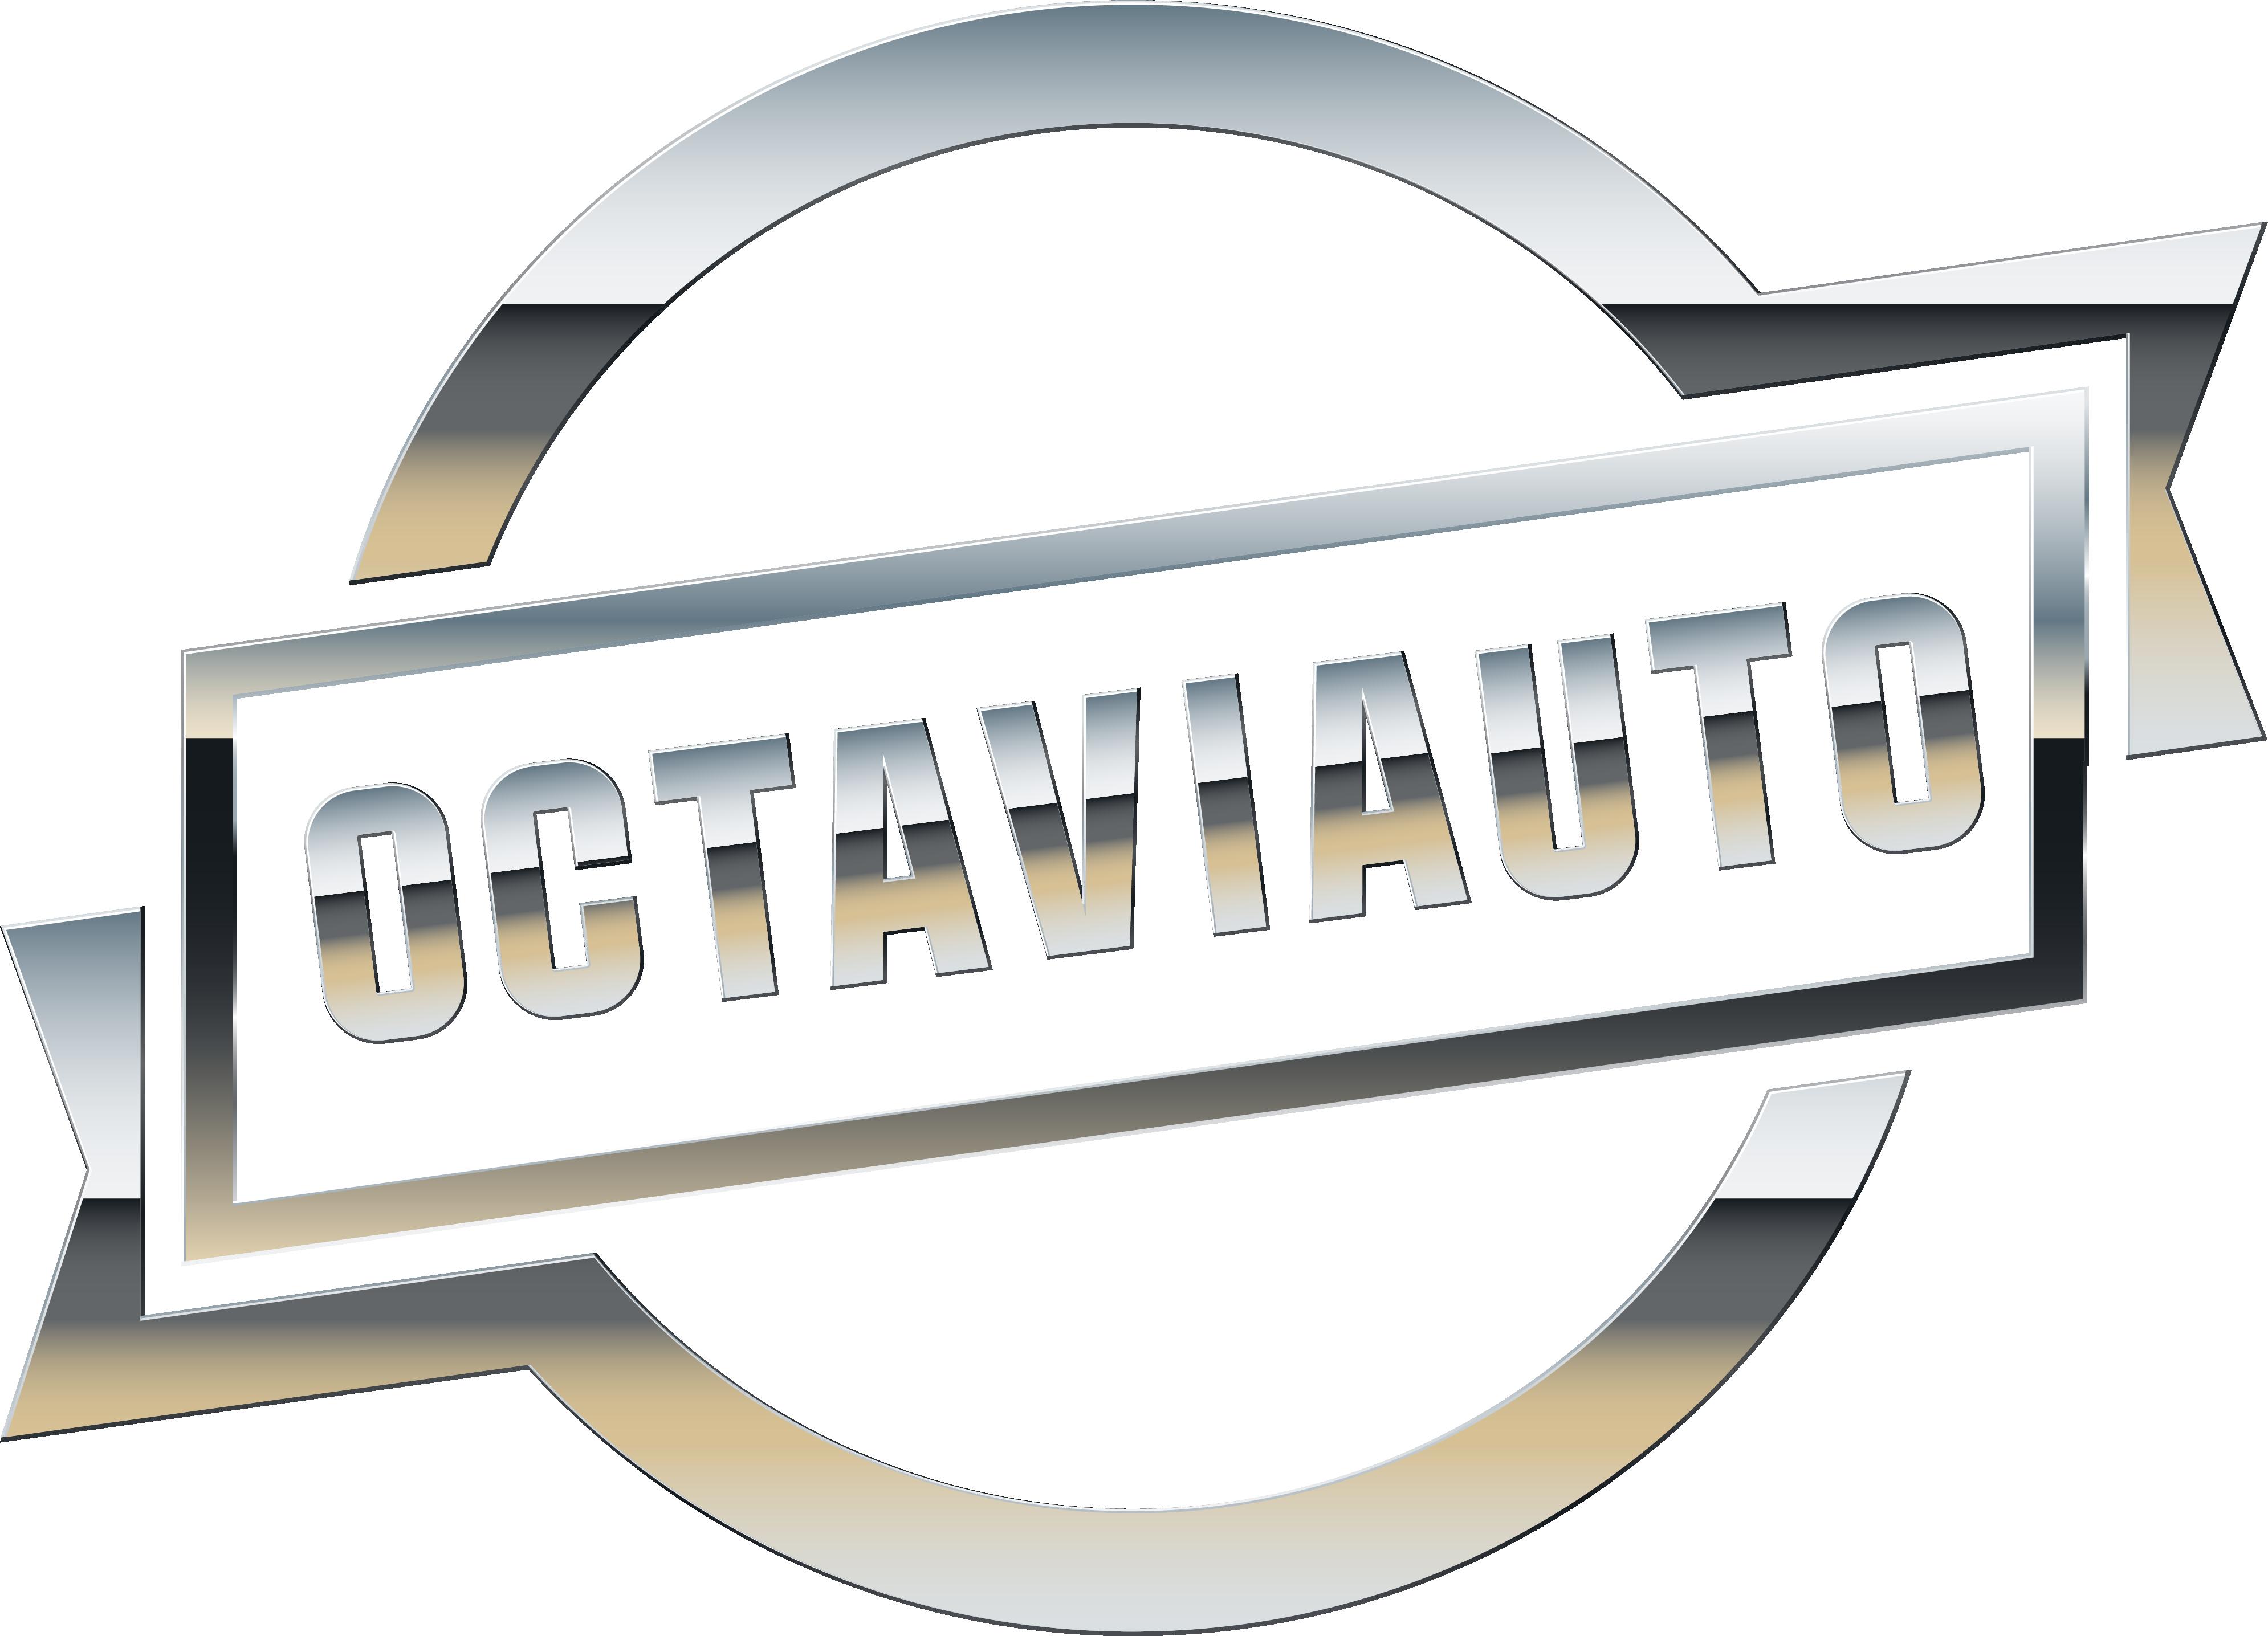 octaviauto.com